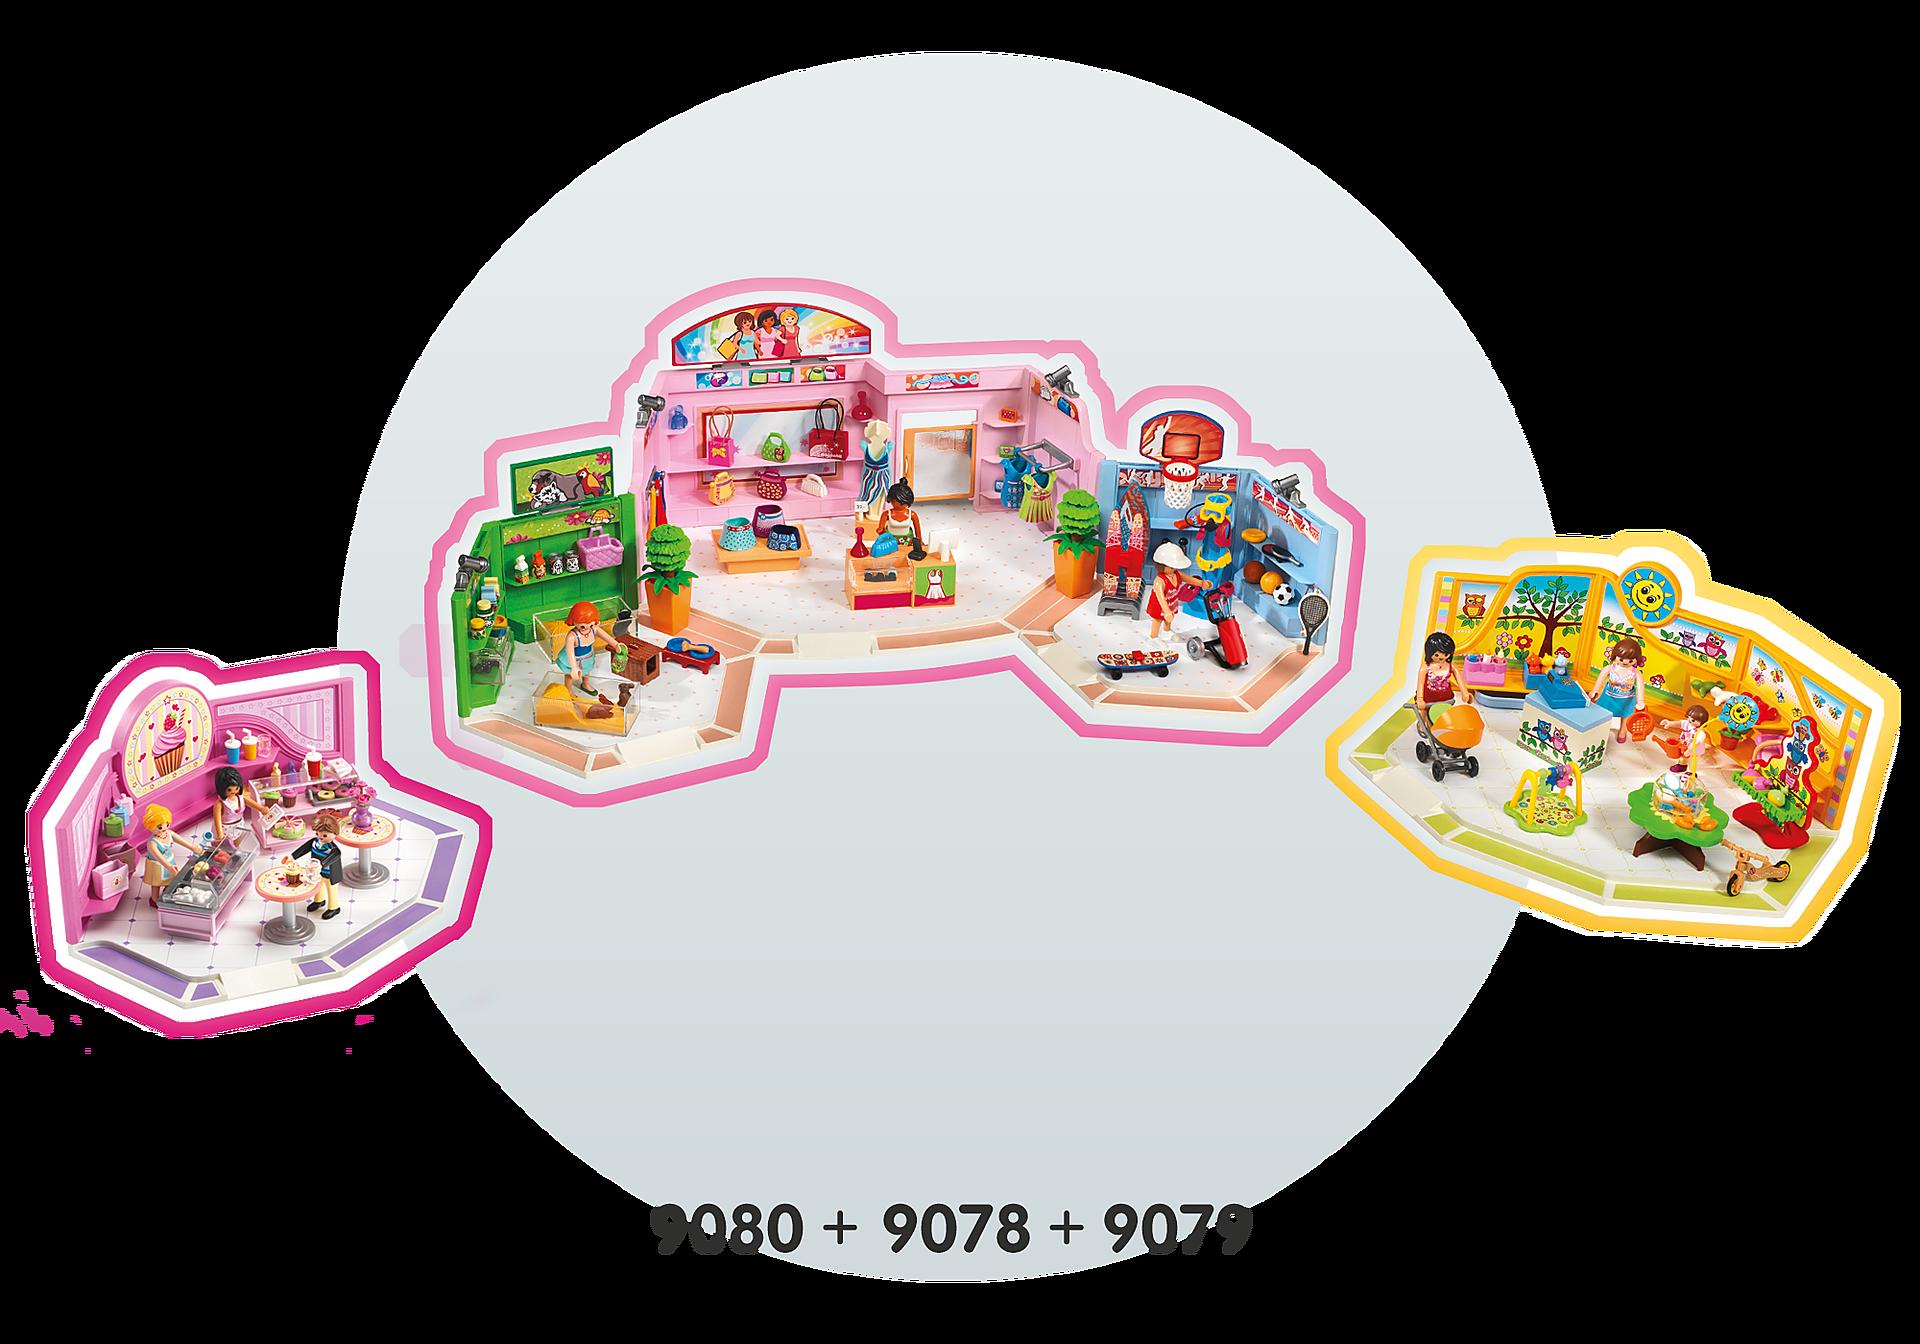 9078 Shopping Plaza zoom image9